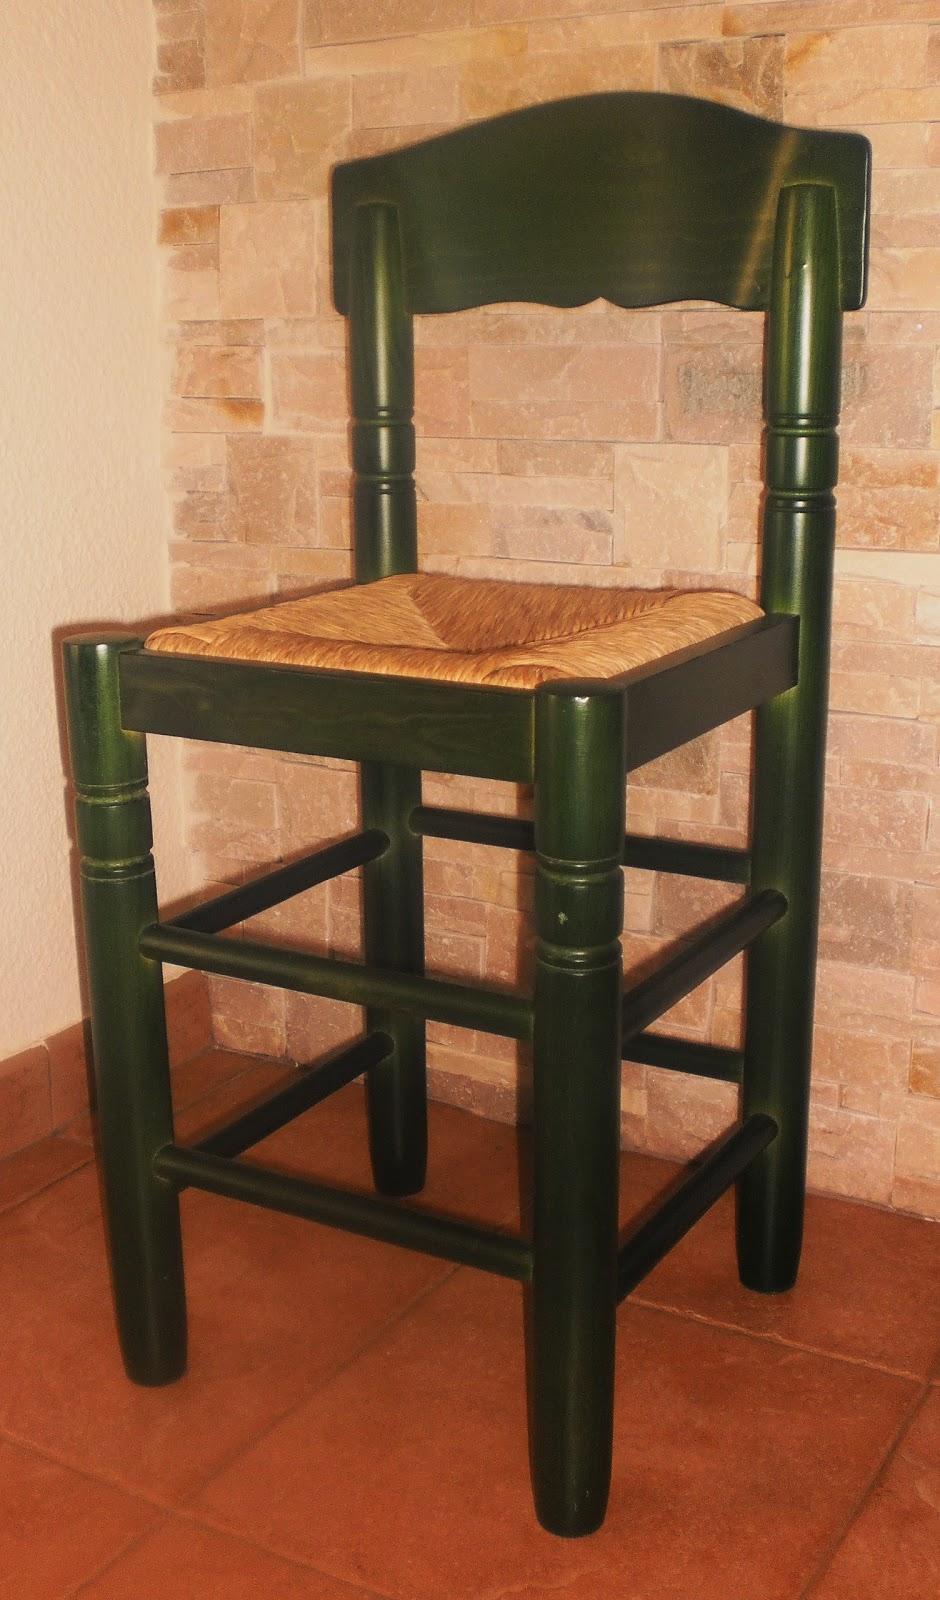 Fabrica de sillas de madera pauli sillas y mesas de madera para hosteleria y hogar - Fabricas de madera ...